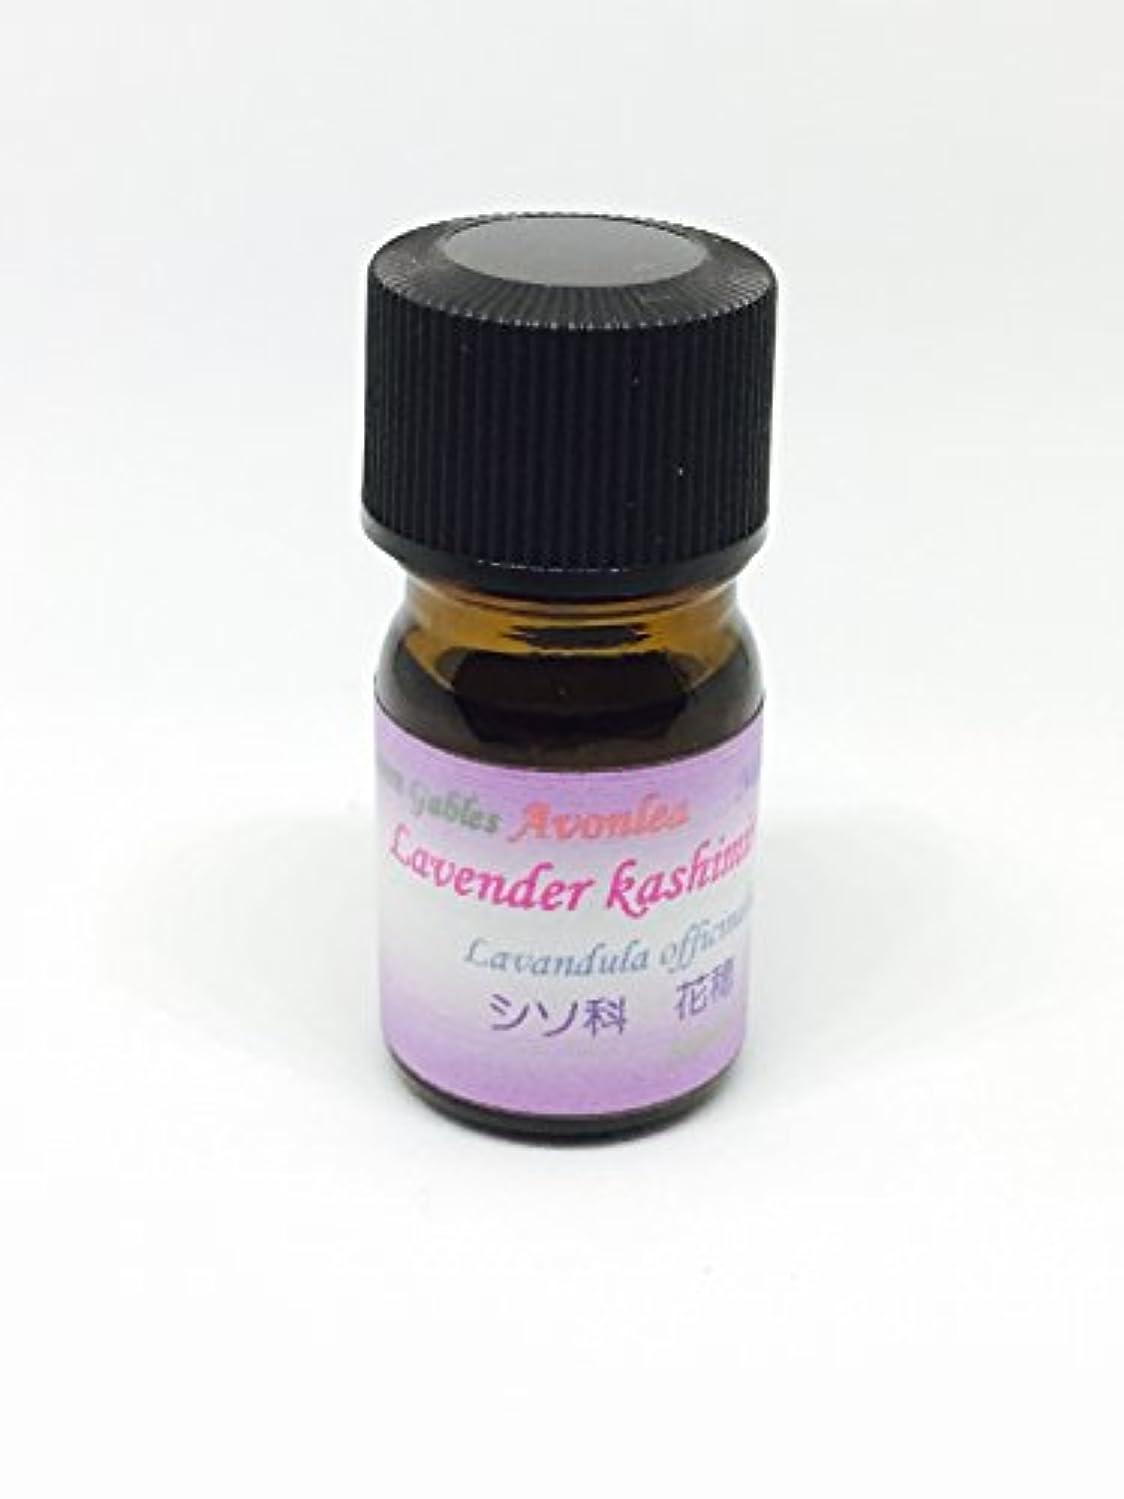 髄先入観歯痛高原植物ラベンダー カシミール GⅡ 5ml 100% ピュアエッセンシャルオイル